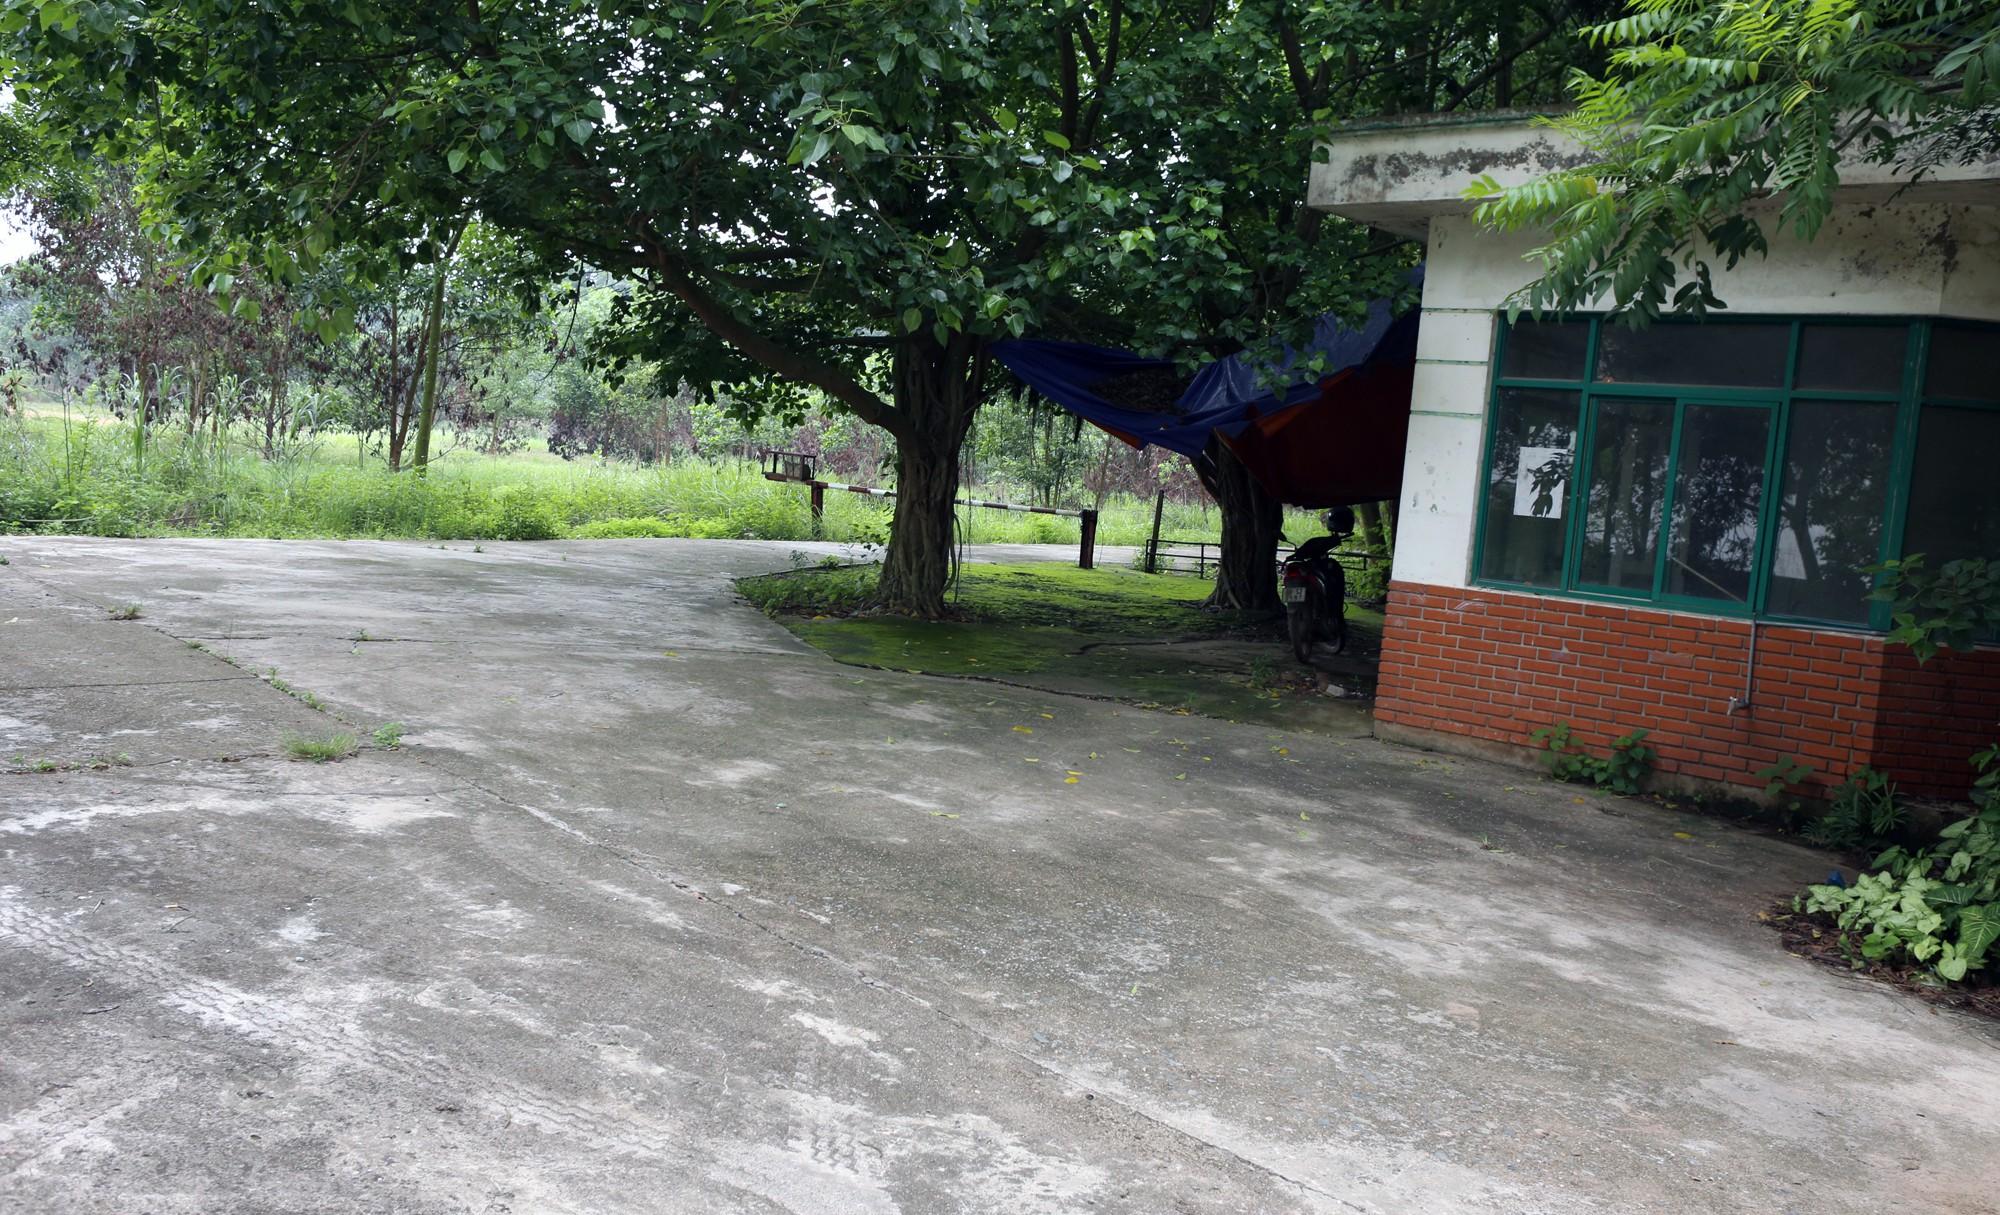 Bệnh viện qui mô 1.000 giường ở Hà Nội thành nơi nuôi gà - Ảnh 5.